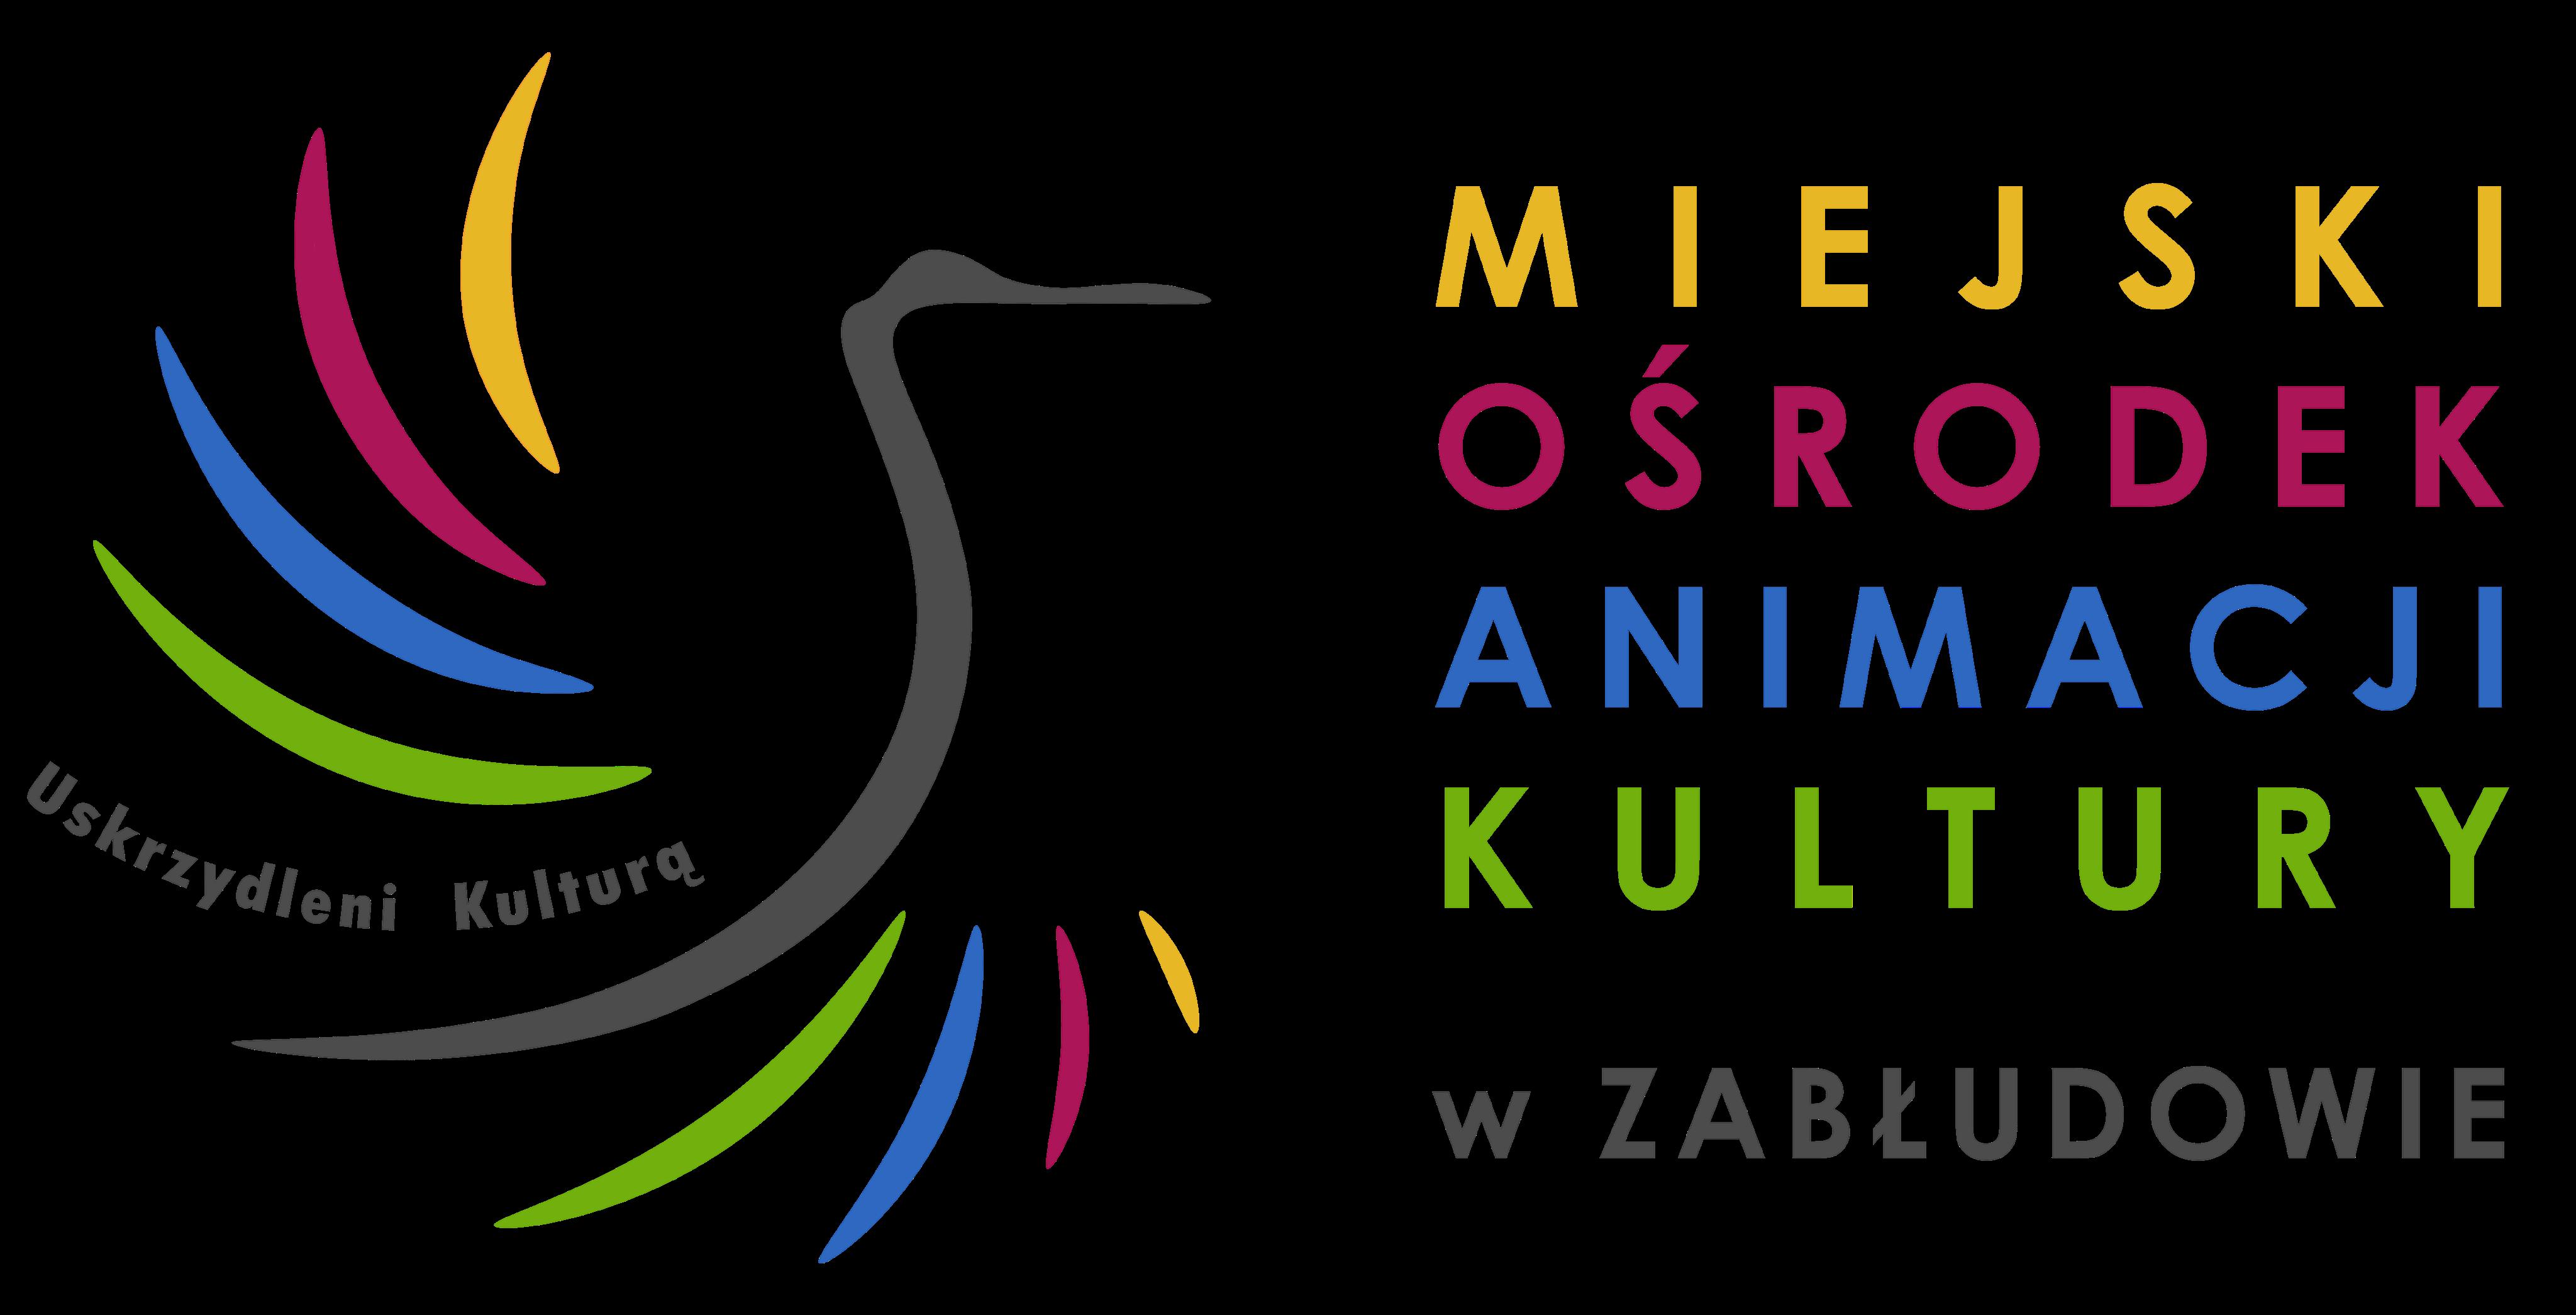 Miejski Ośrodek Animacji Kultury w Zabłudowie